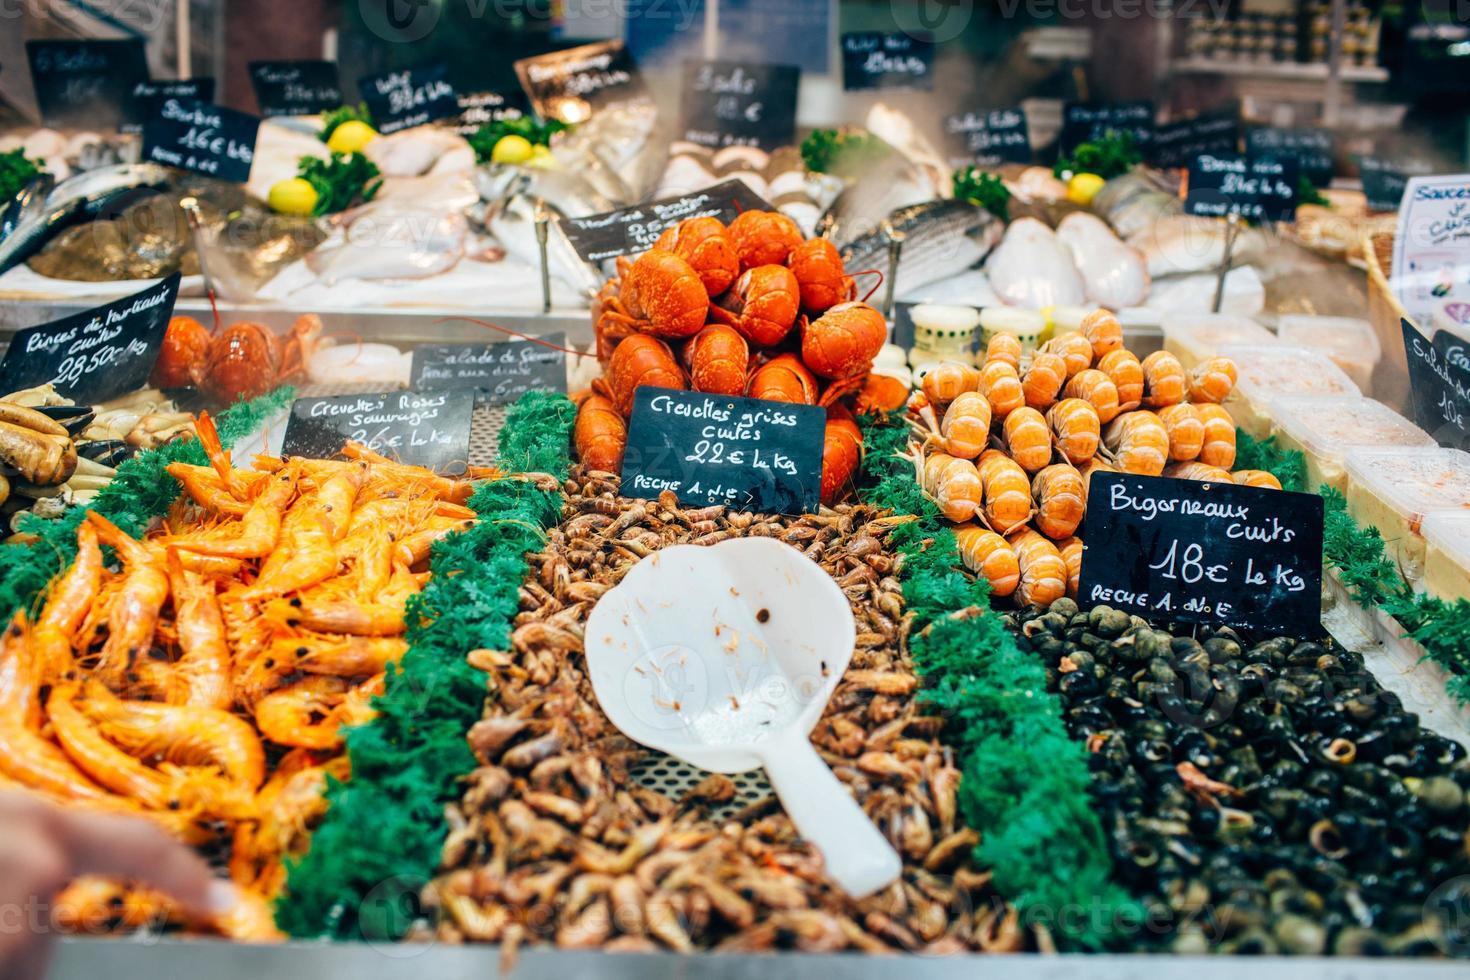 mercato del pesce foto